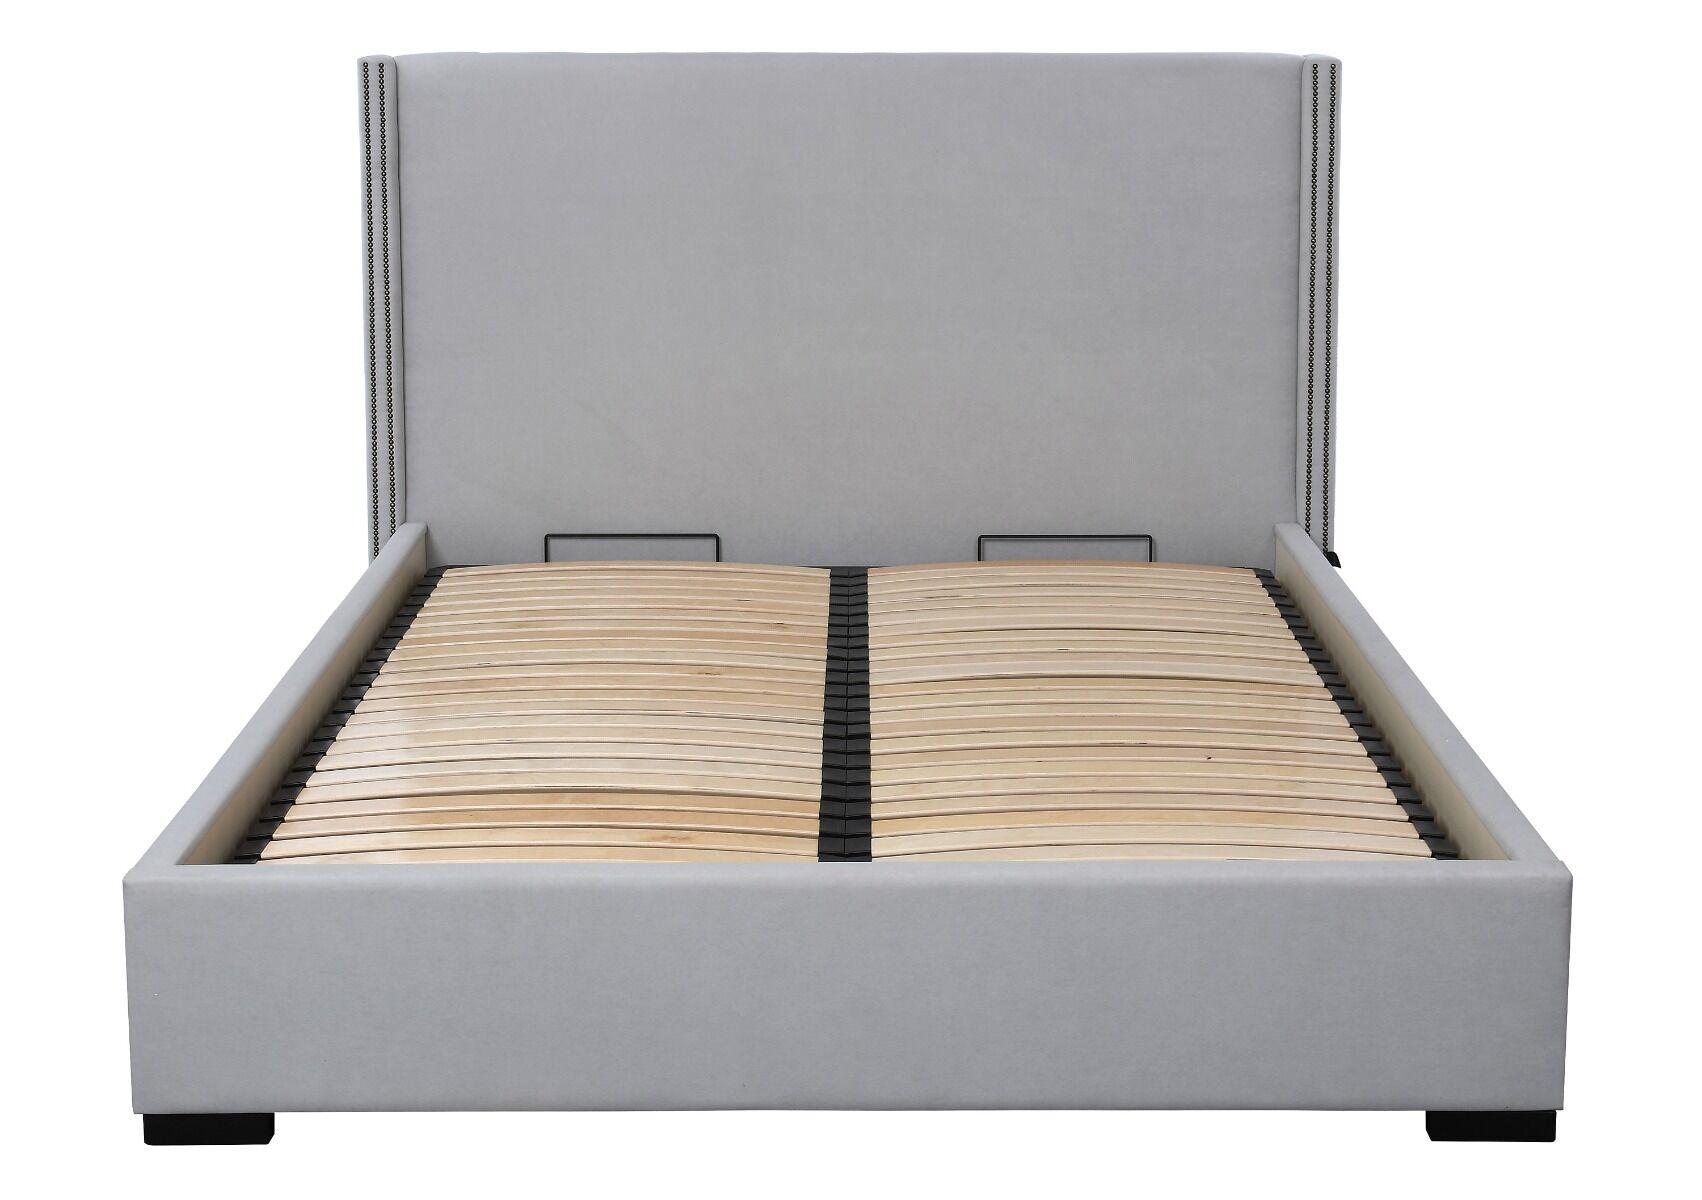 Łóżko Cotter z pojemnikiem na pościel 198x224x125 cm